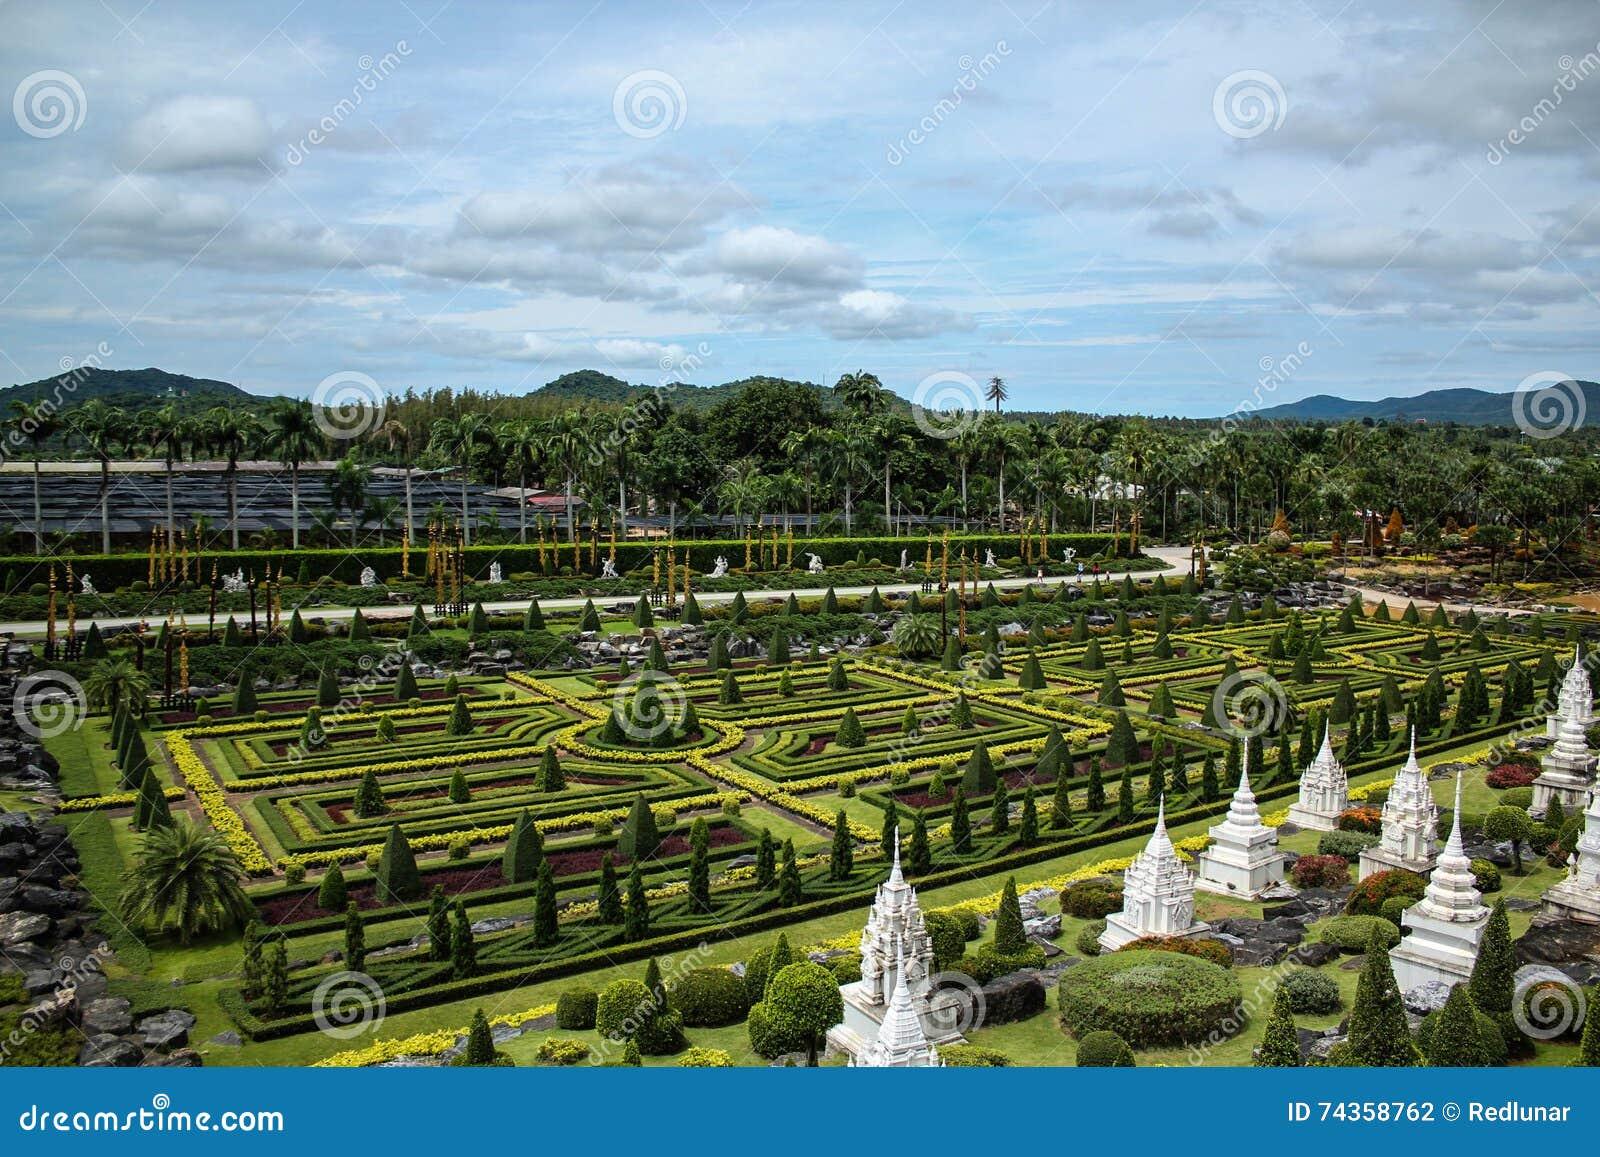 English Garden Style Stock Photo Image Of Design Landscape